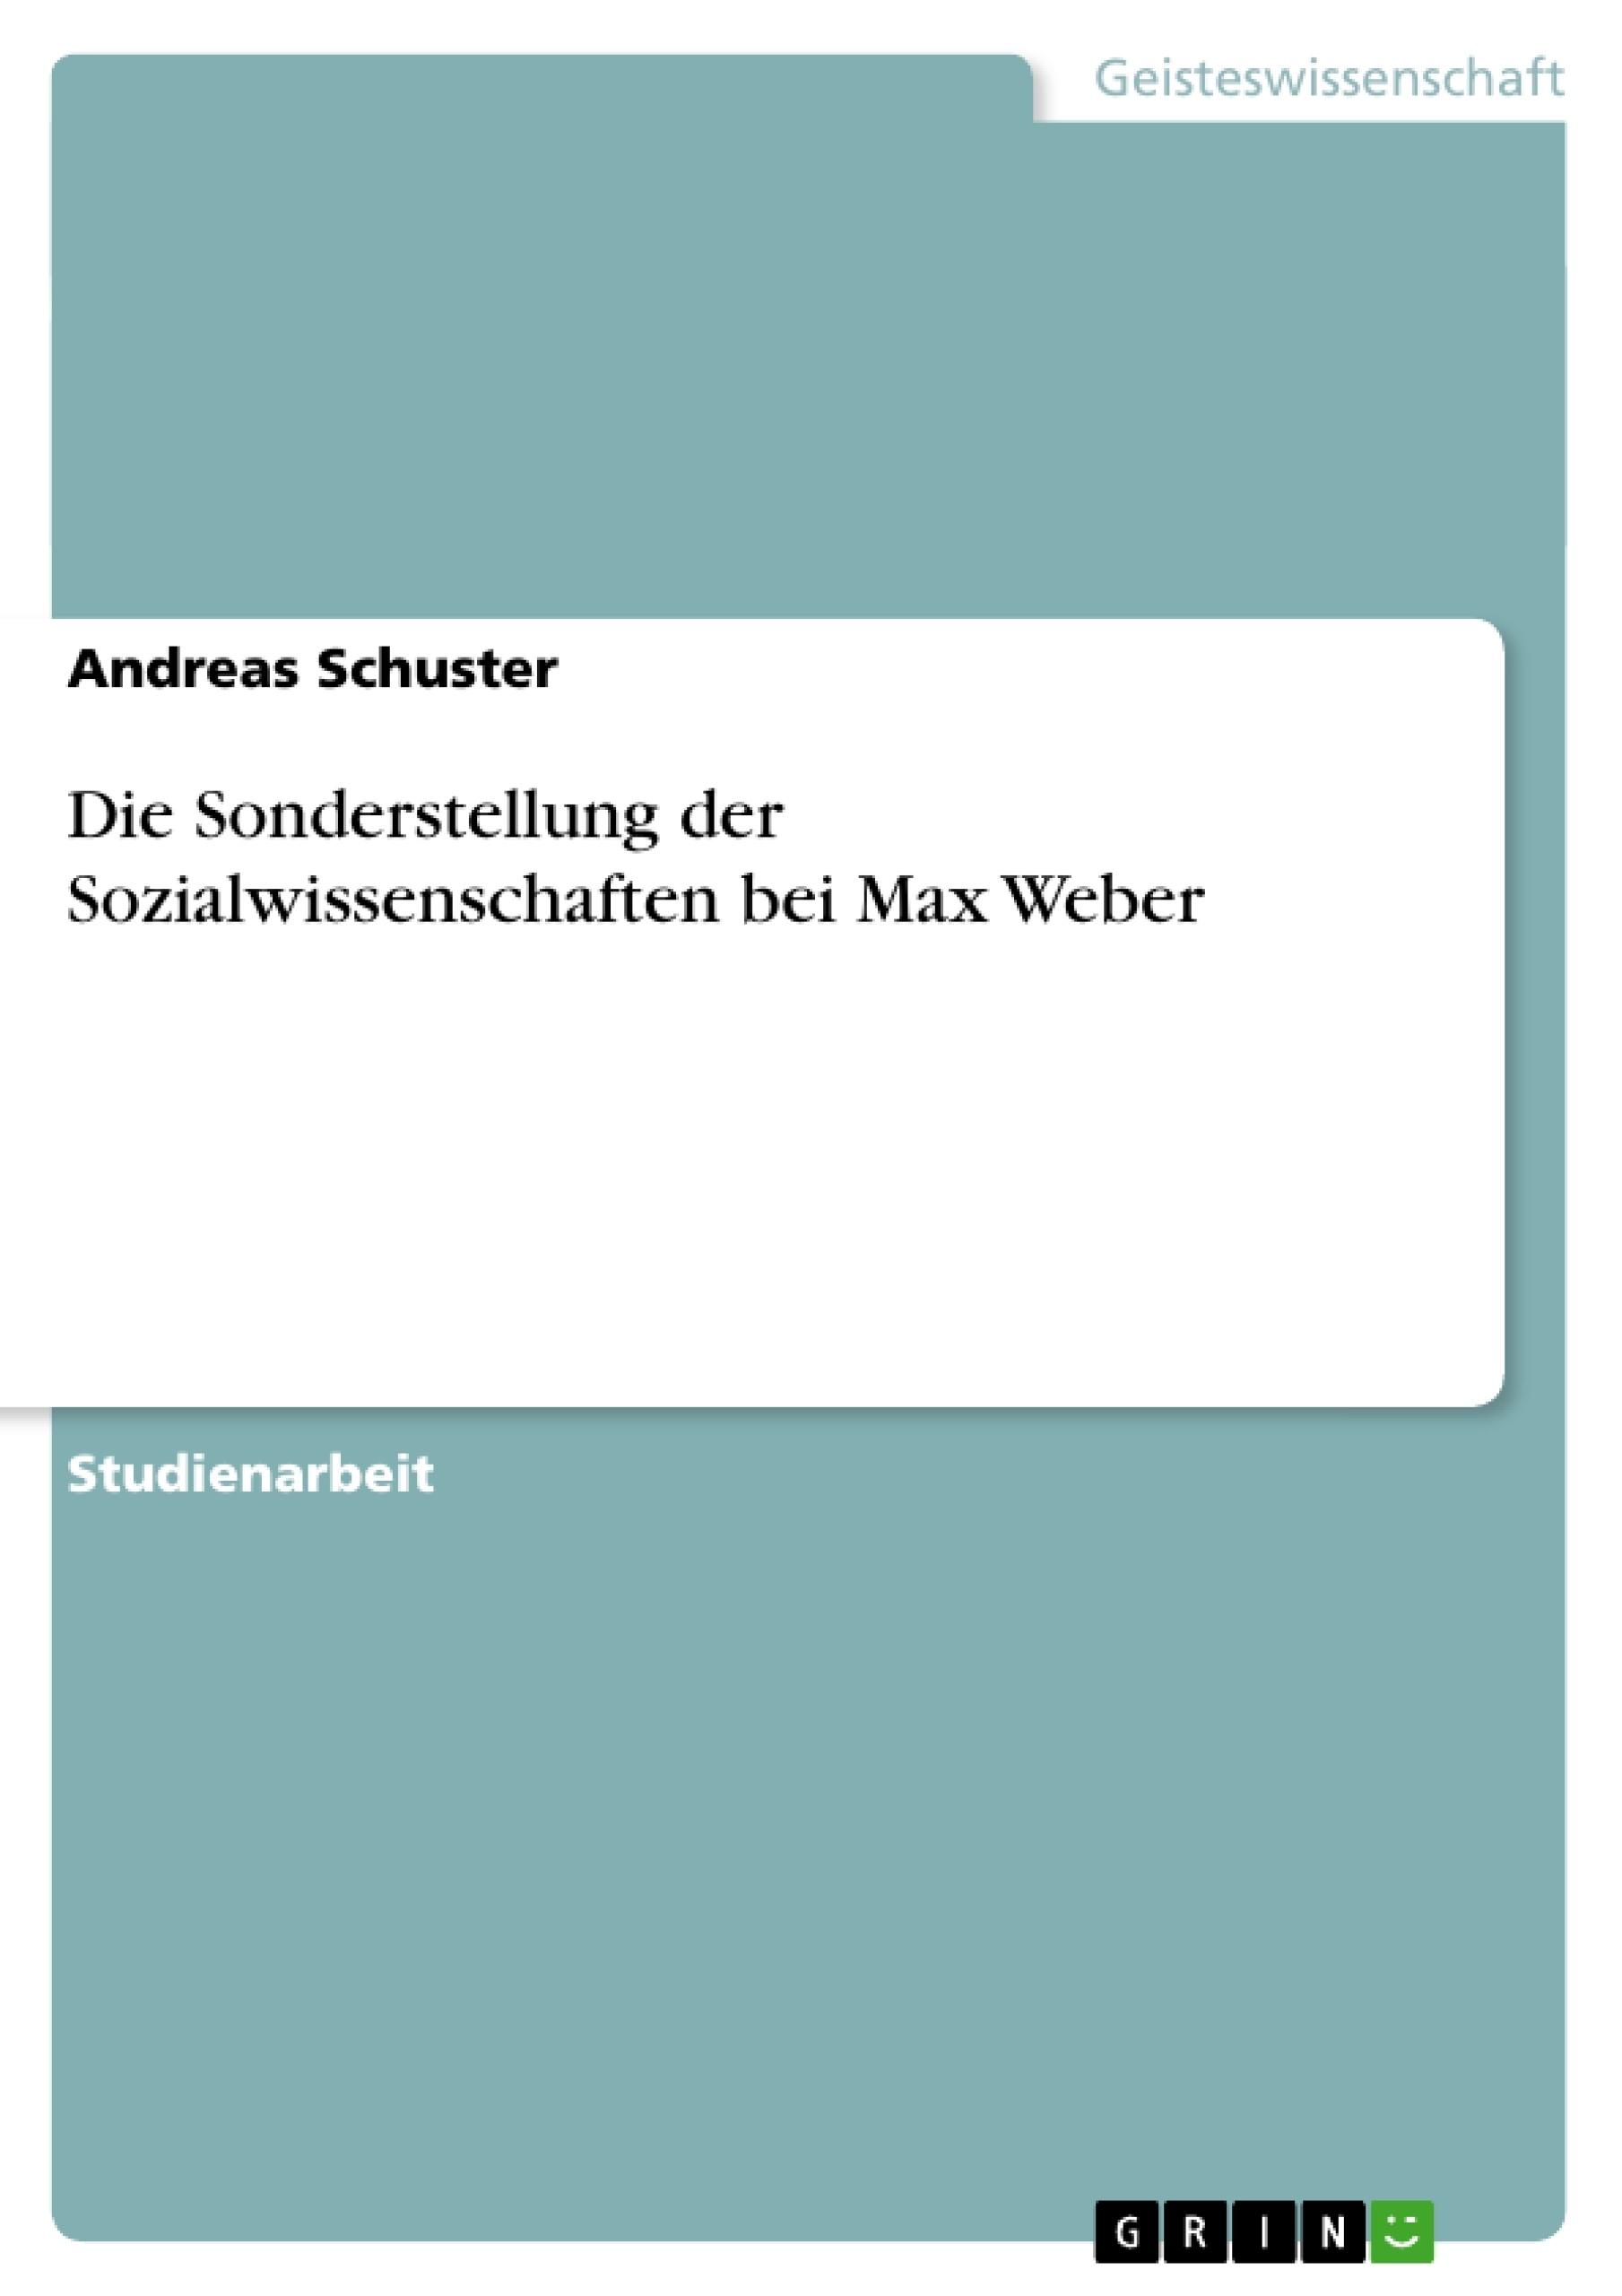 Titel: Die Sonderstellung der Sozialwissenschaften bei Max Weber